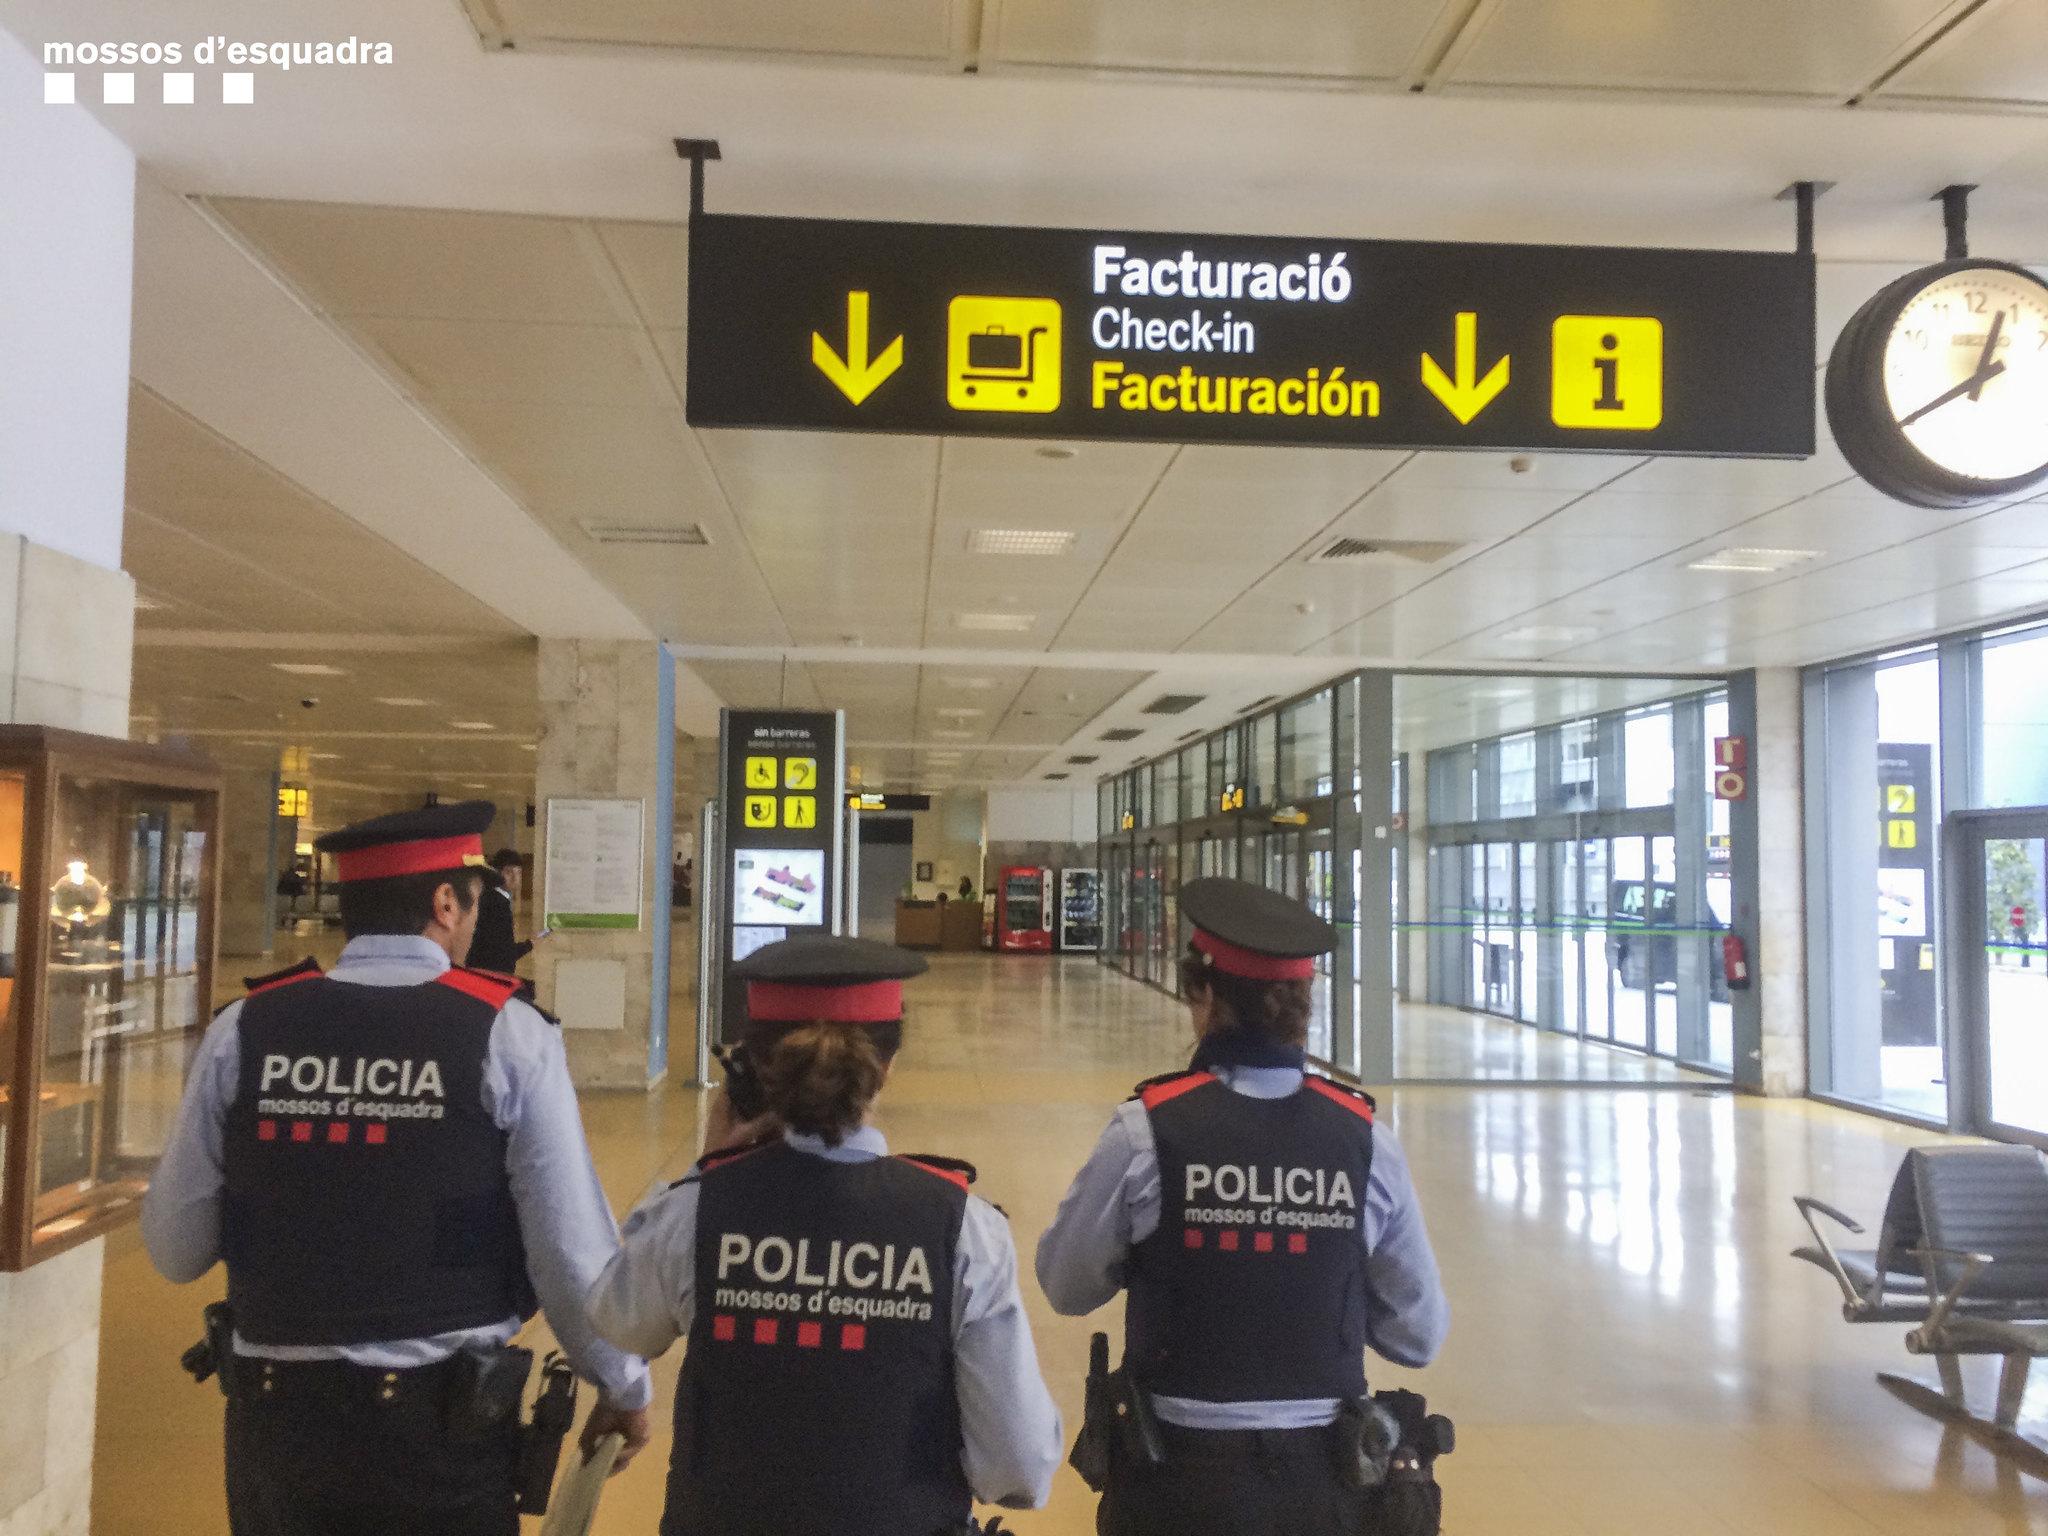 Mossos d'Esquadra patrullen per l'aeroport del Prat/Mossos